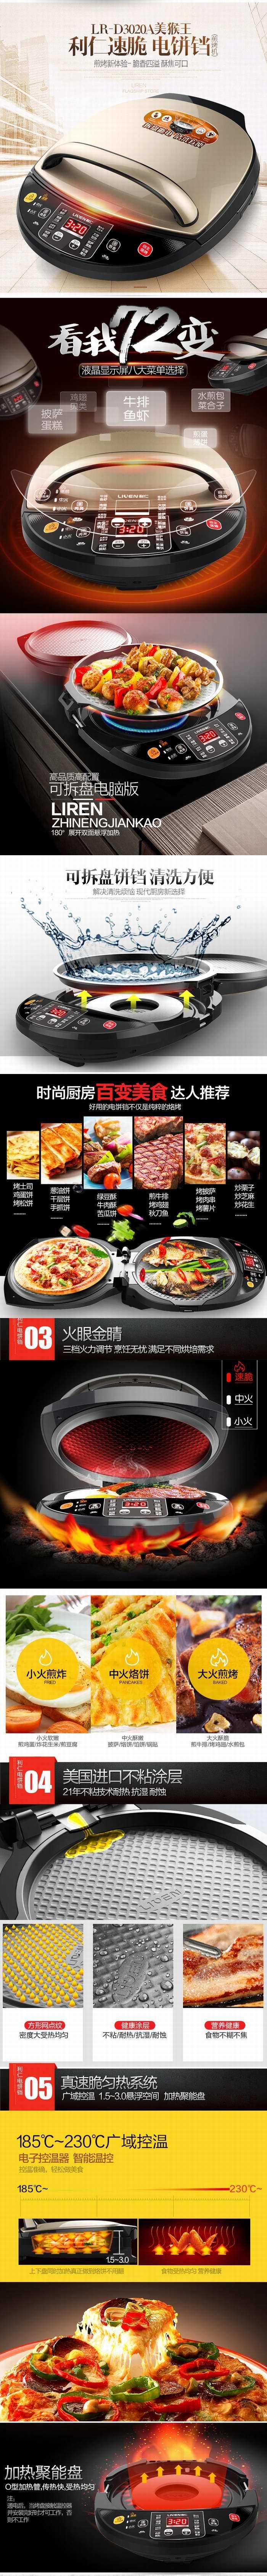 补货!Liven 利仁 LR-D3020A 美猴王 速脆电饼铛/煎饼机 104.99加元包邮!